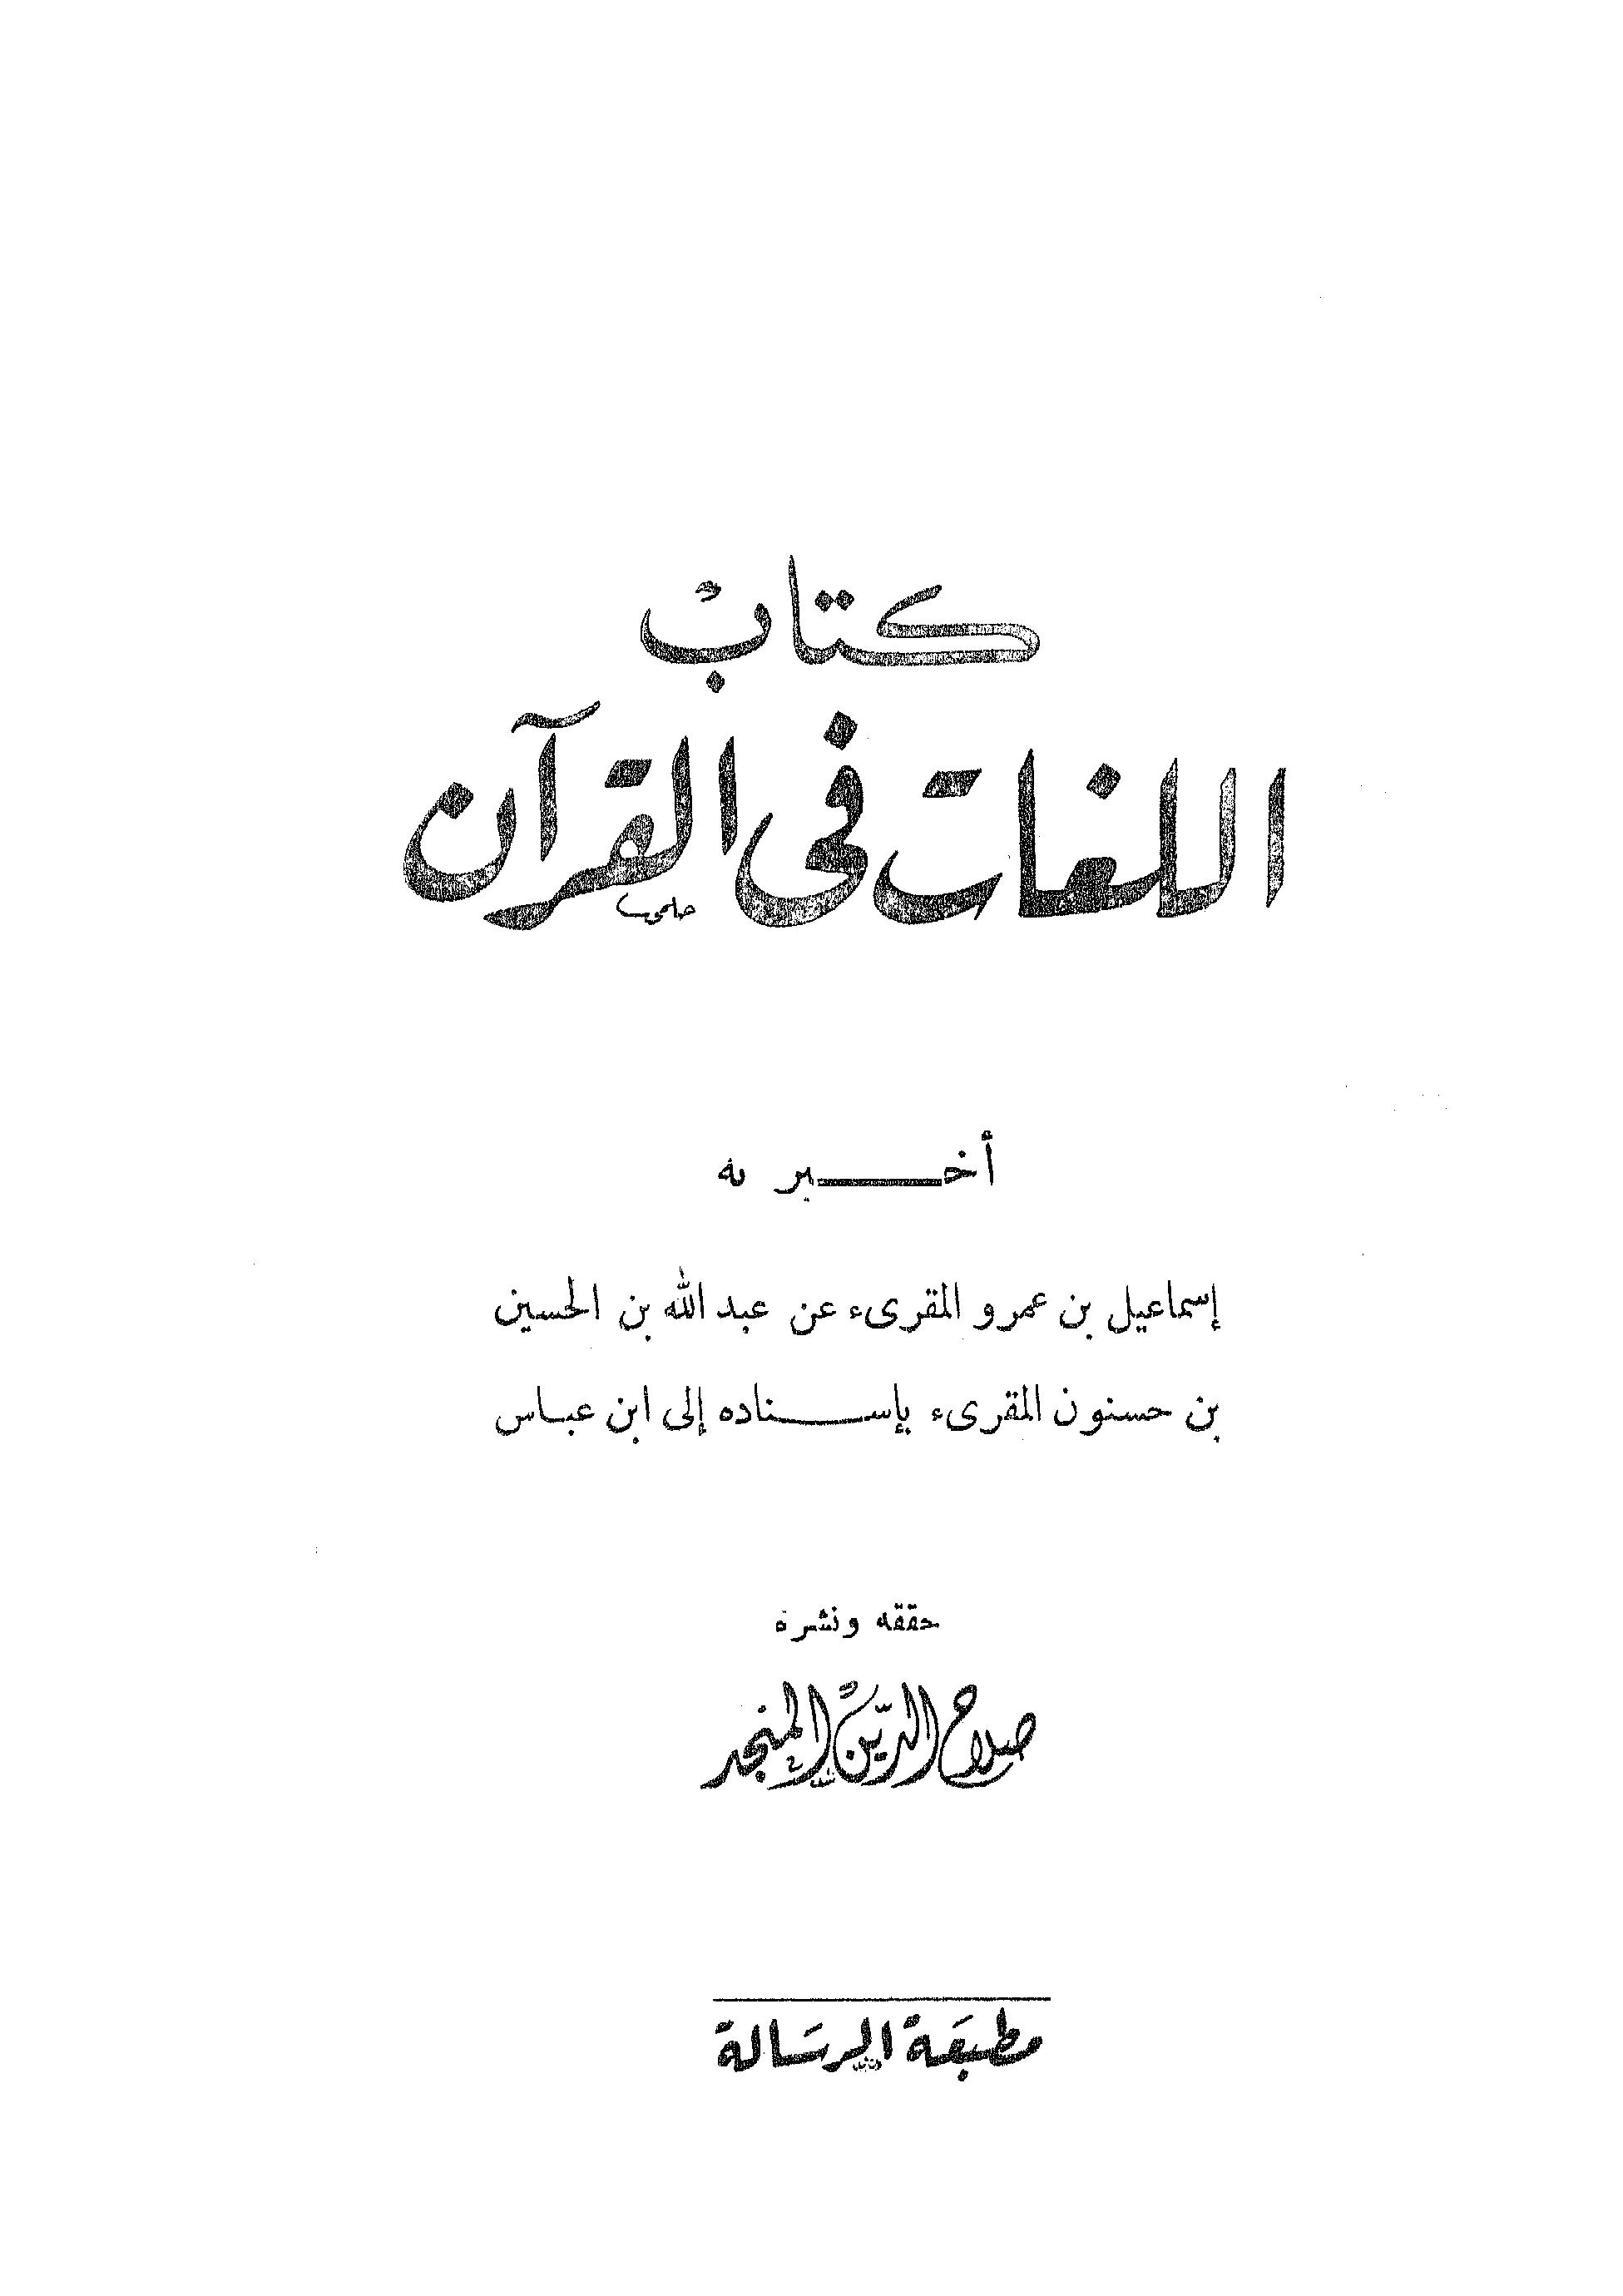 تحميل كتاب اللغات في القرآن لـِ: الإمام أبو القاسم الحسن بن محمد بن حبيب بن أيوب النيسابوري (ت 406)